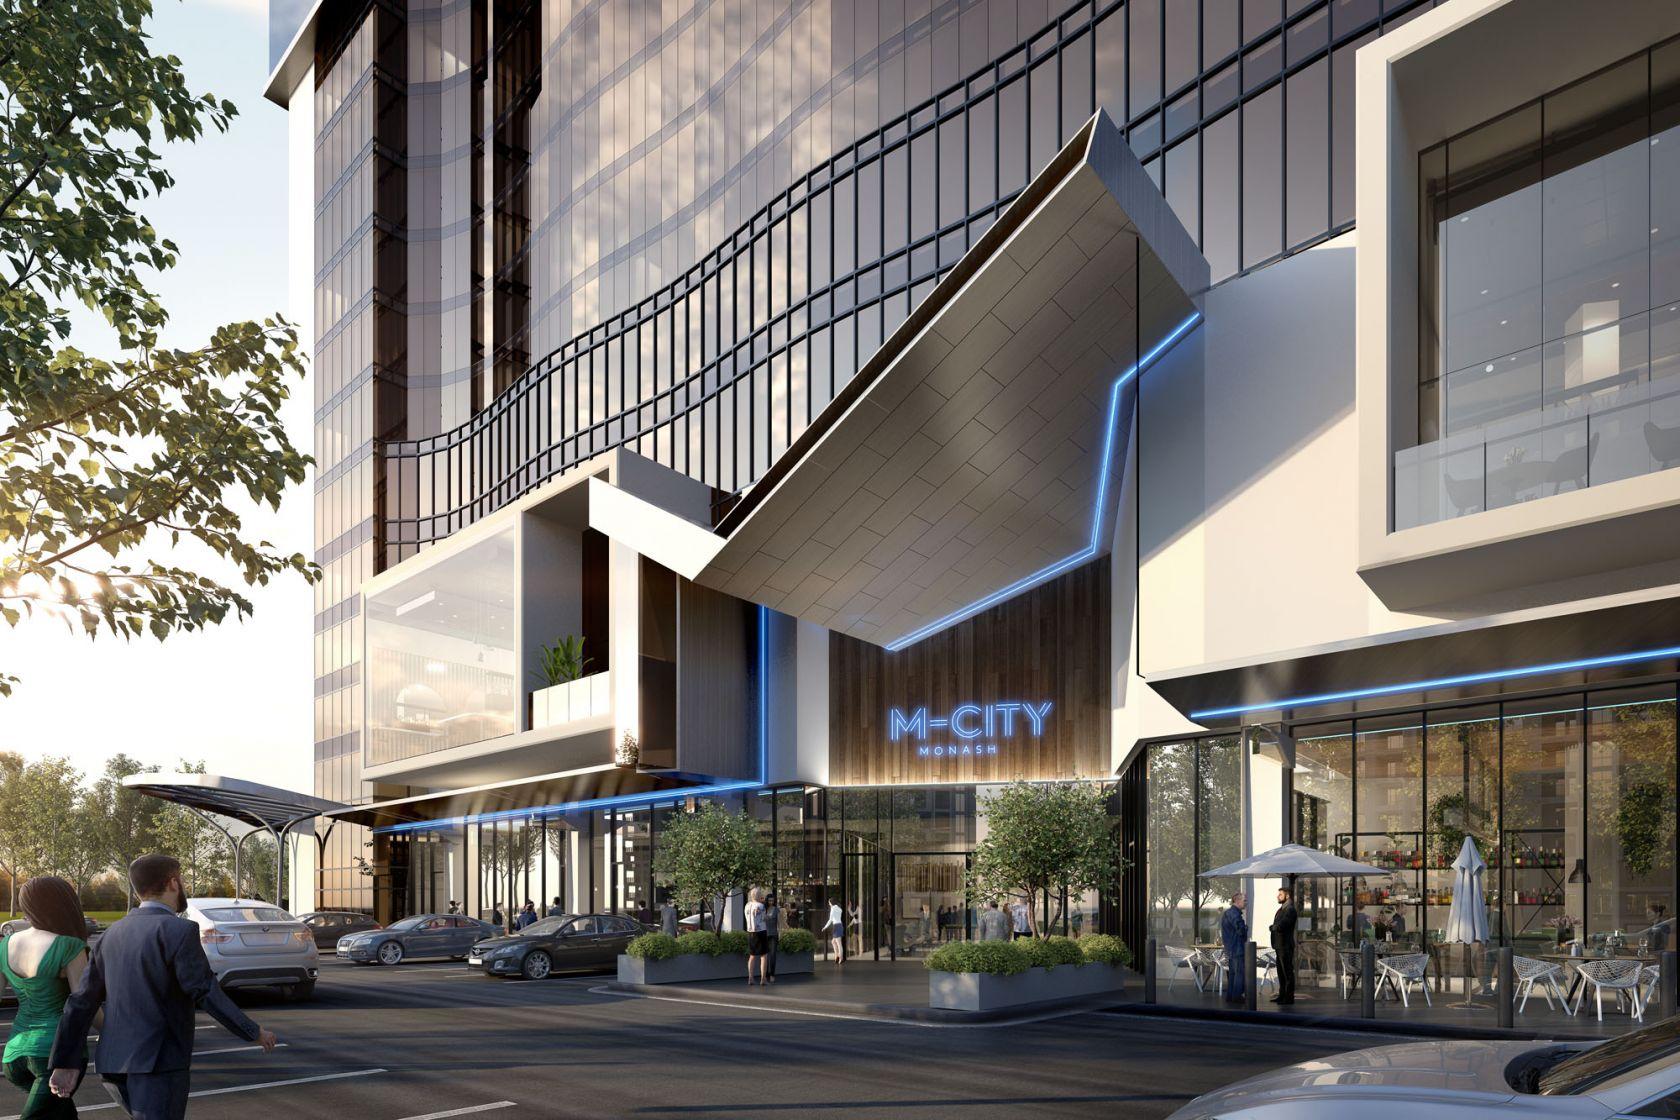 m-city food precinct building facade